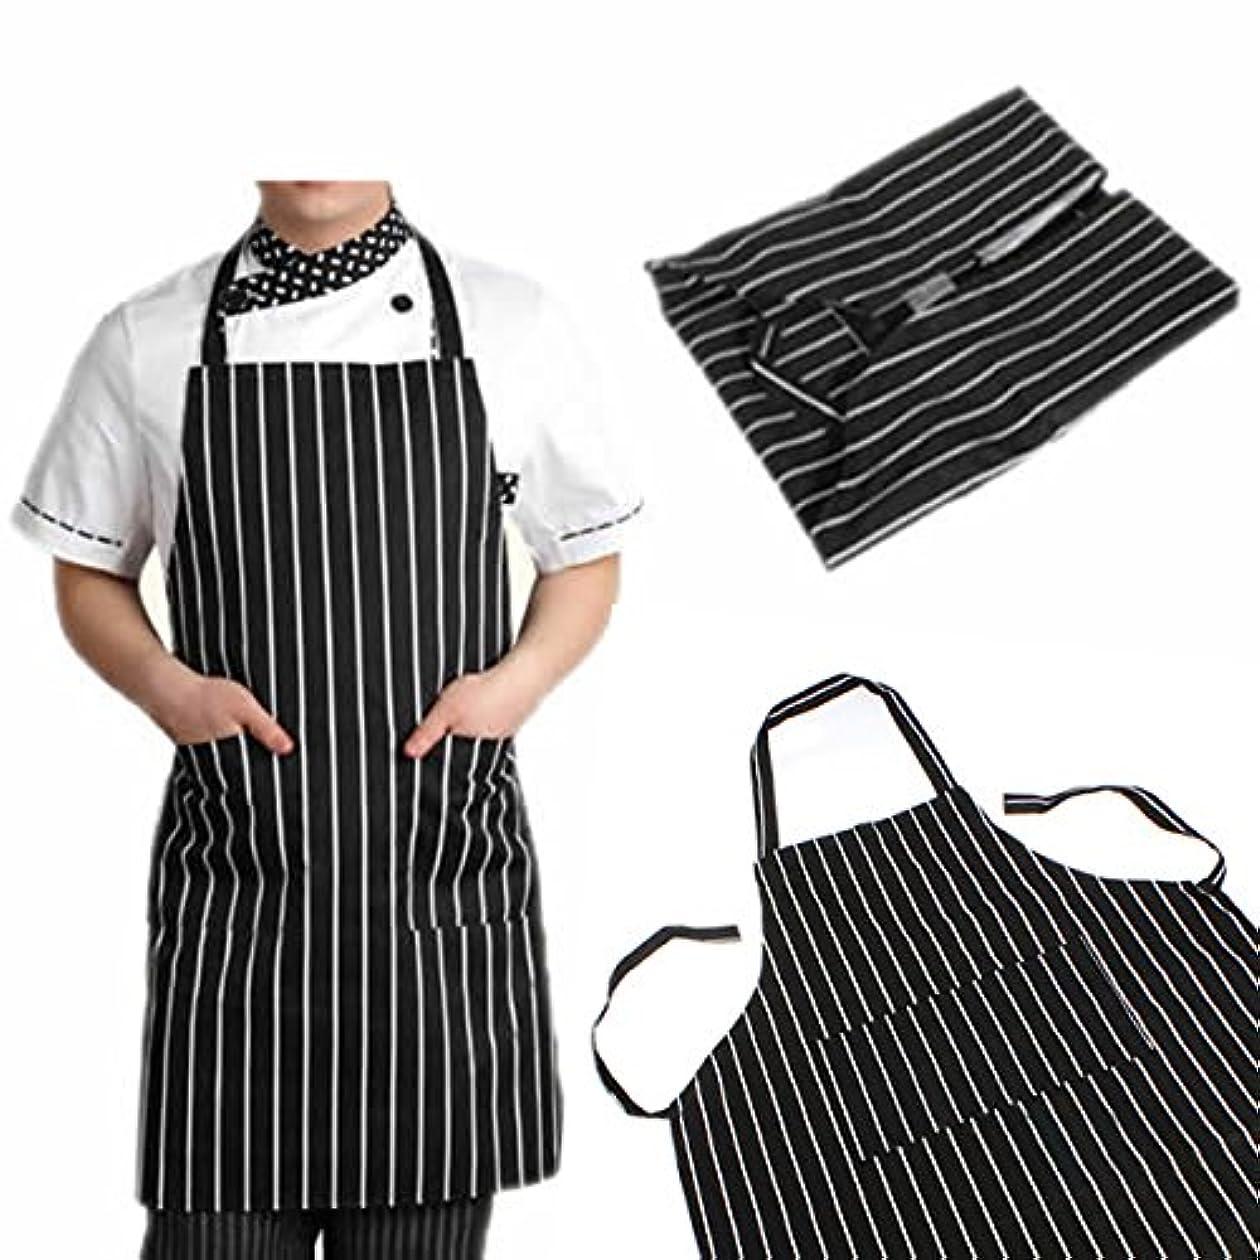 銀行コック弓attachmenttou ブラックストライプビブエプロン 2つのポケット付き キッチン料理 耐久性のある 有用 調節可能な 大人